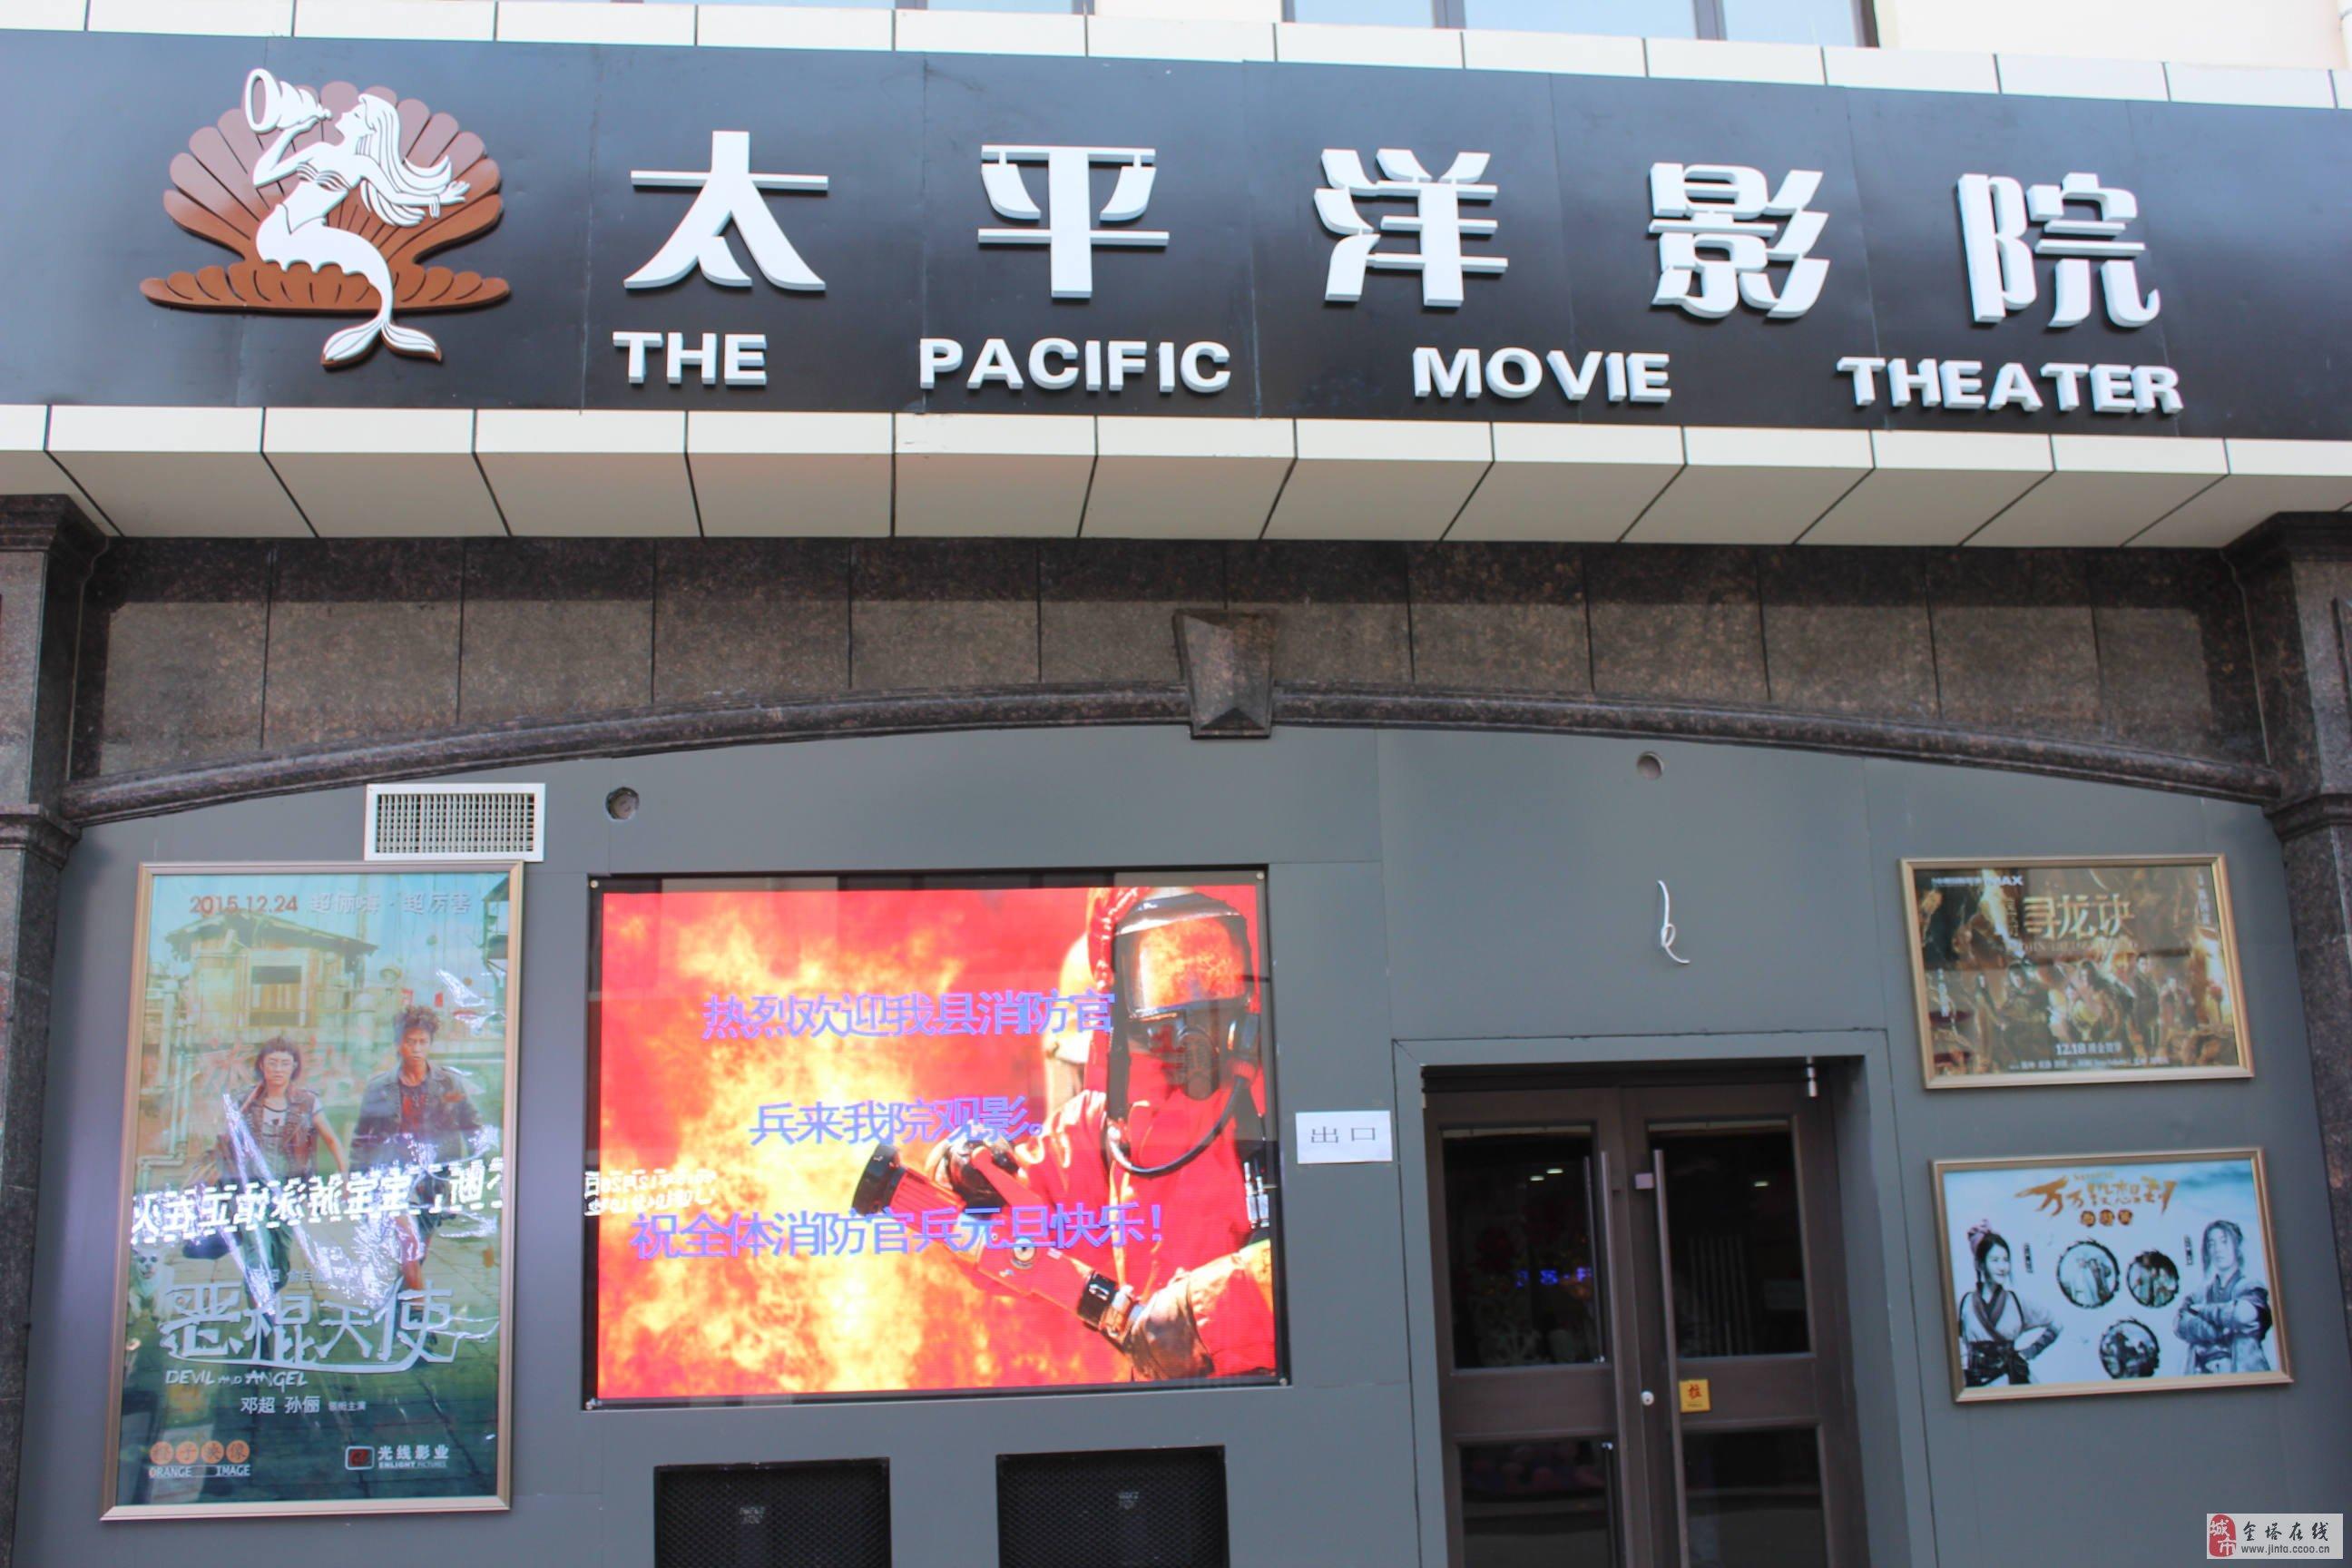 岛电影院先锋_太平洋电影院加盟有什么条件